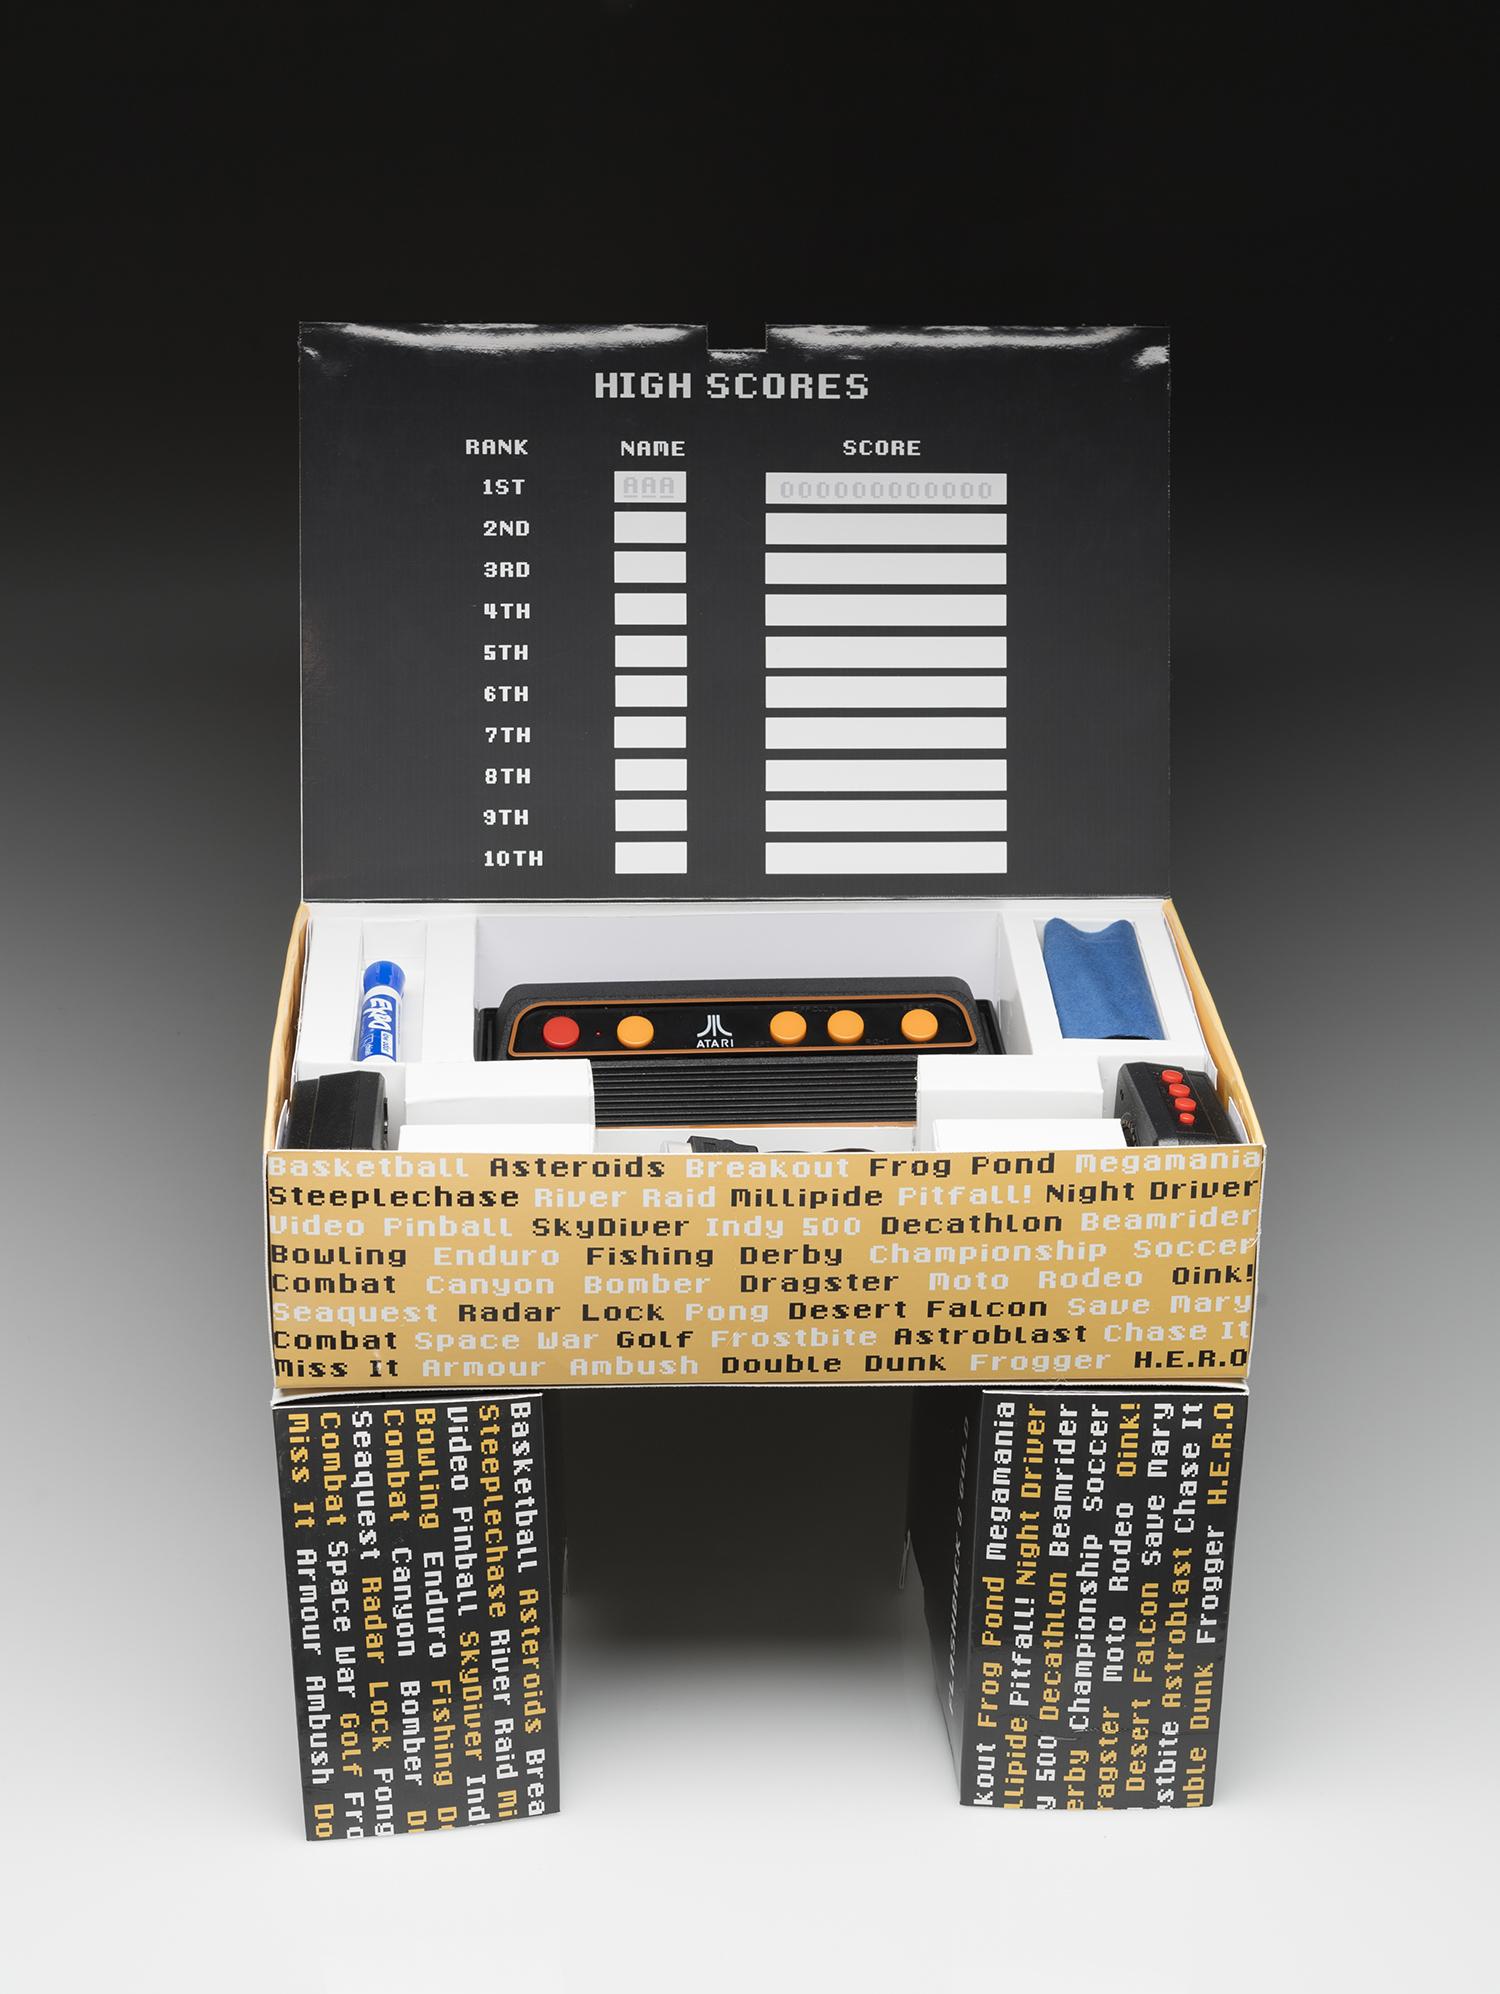 The Atari display with the high score board